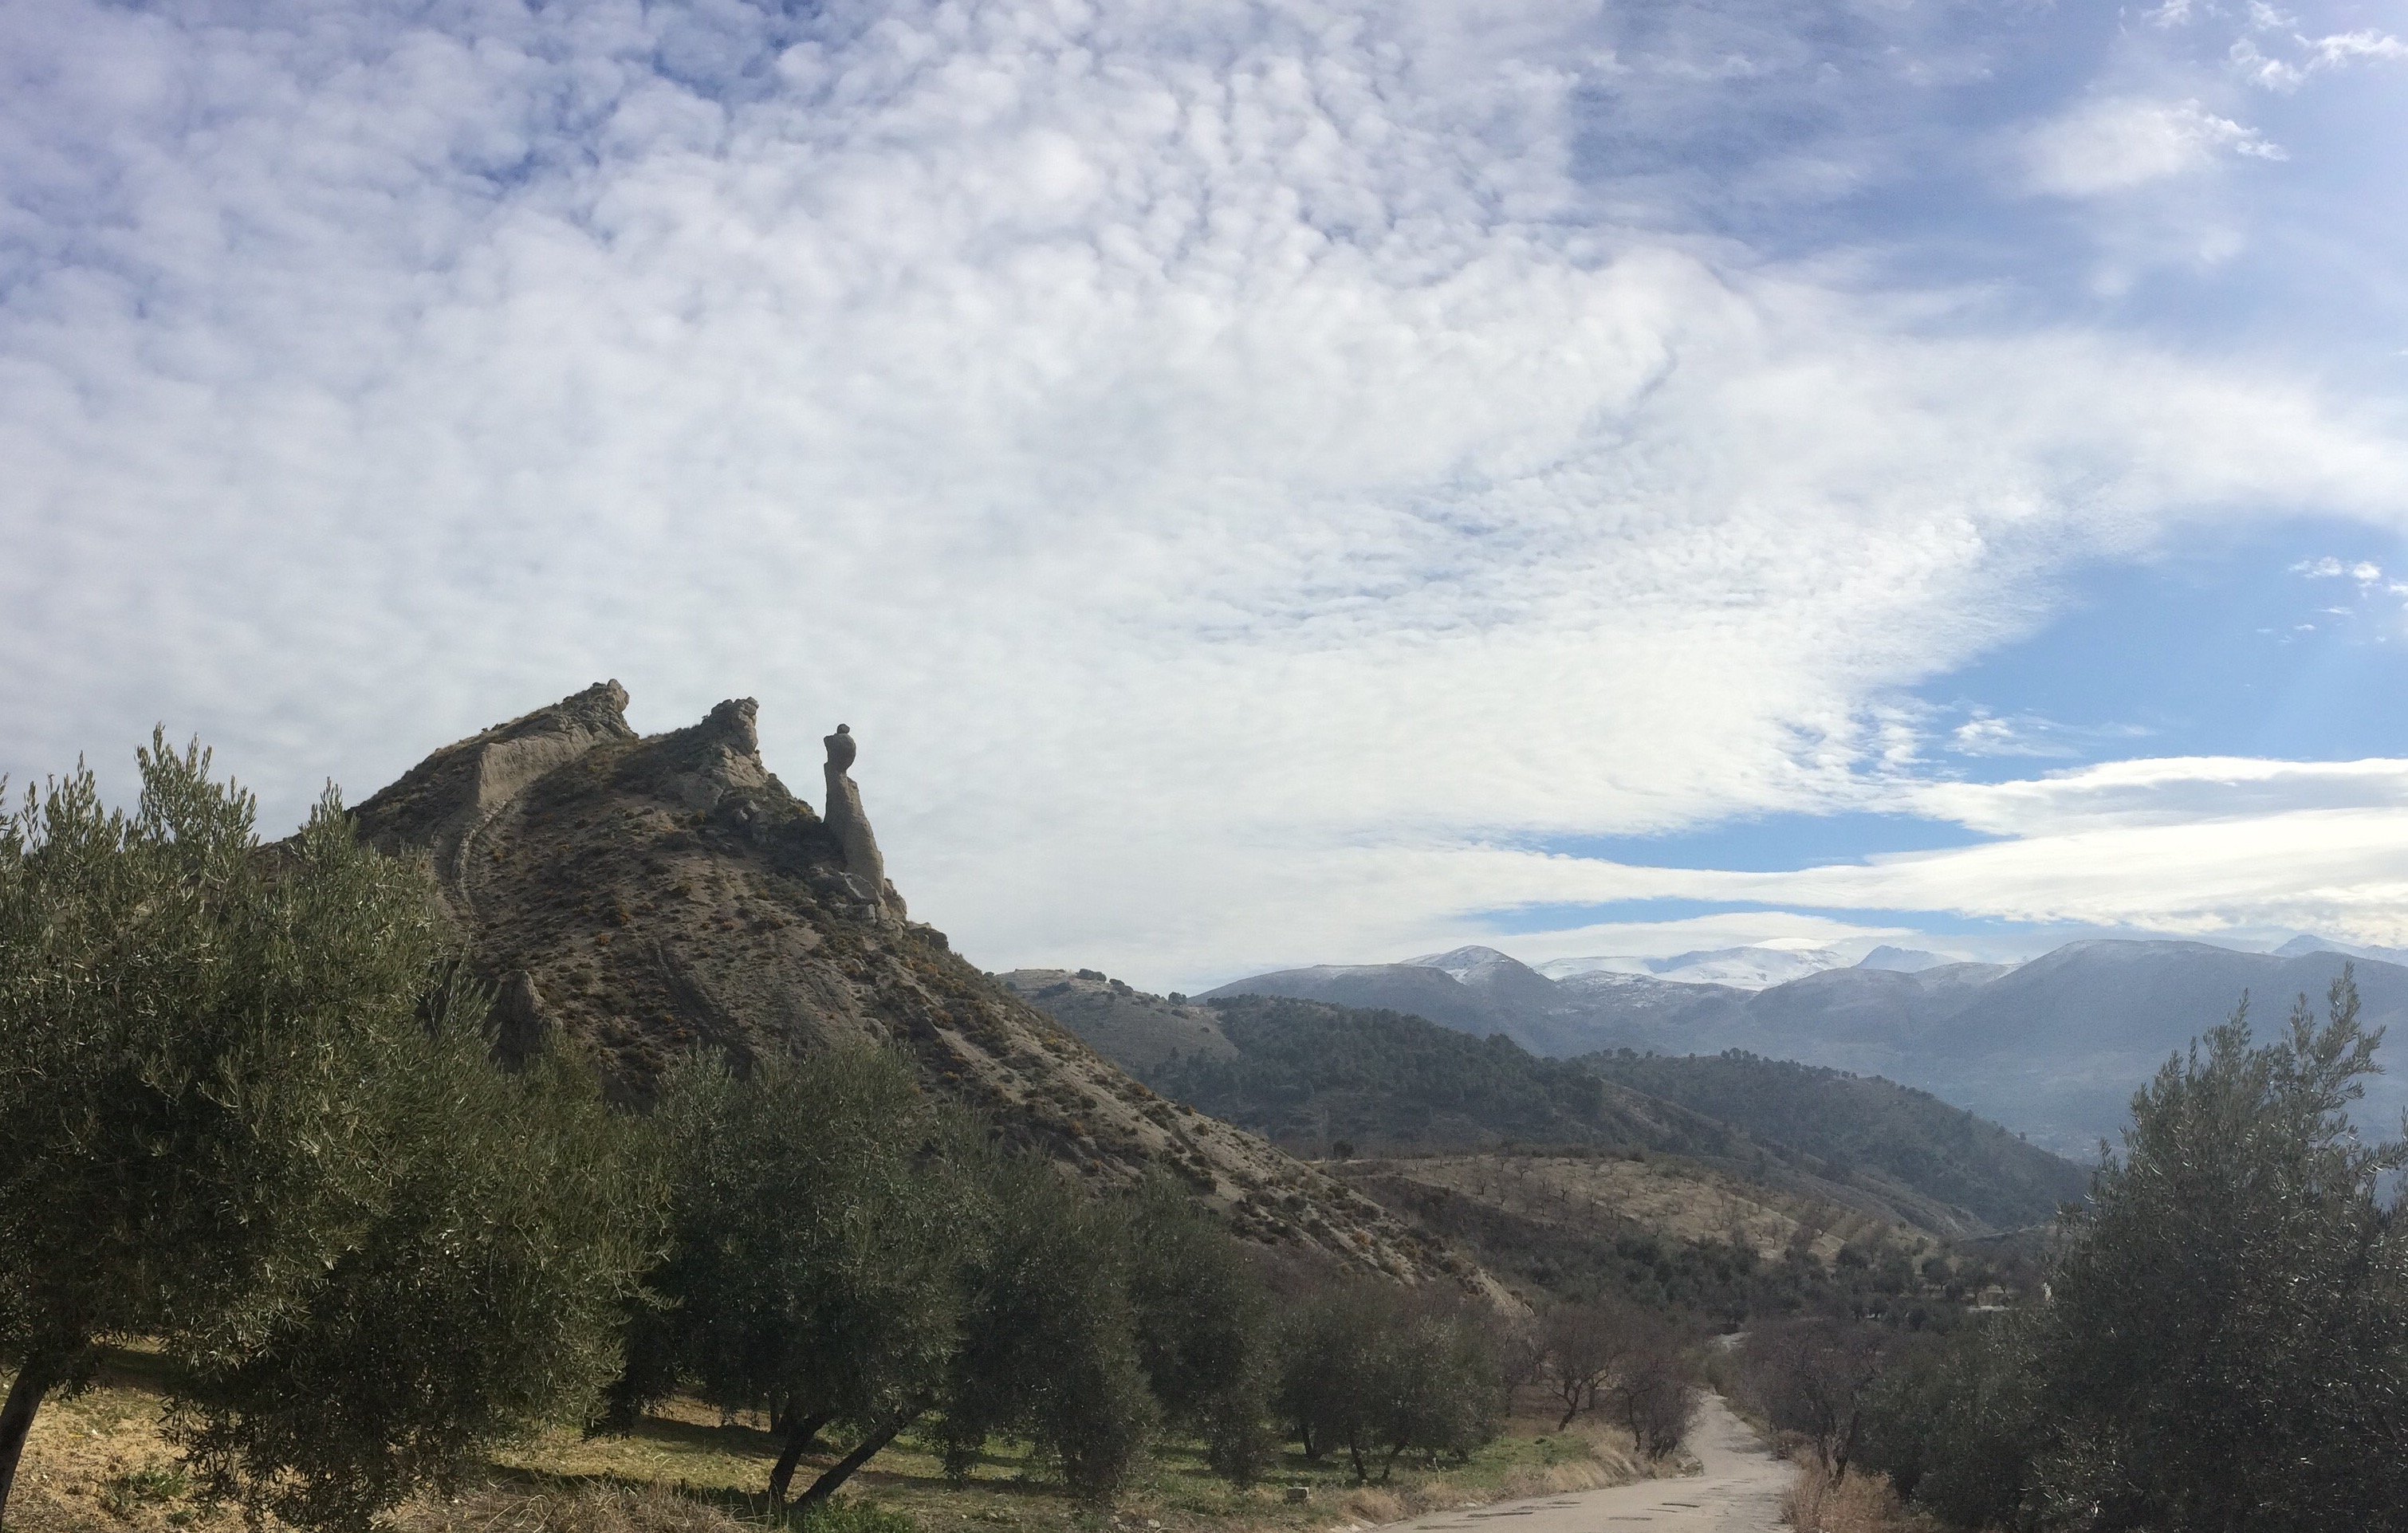 Beas de Granada El Fraile The Friar